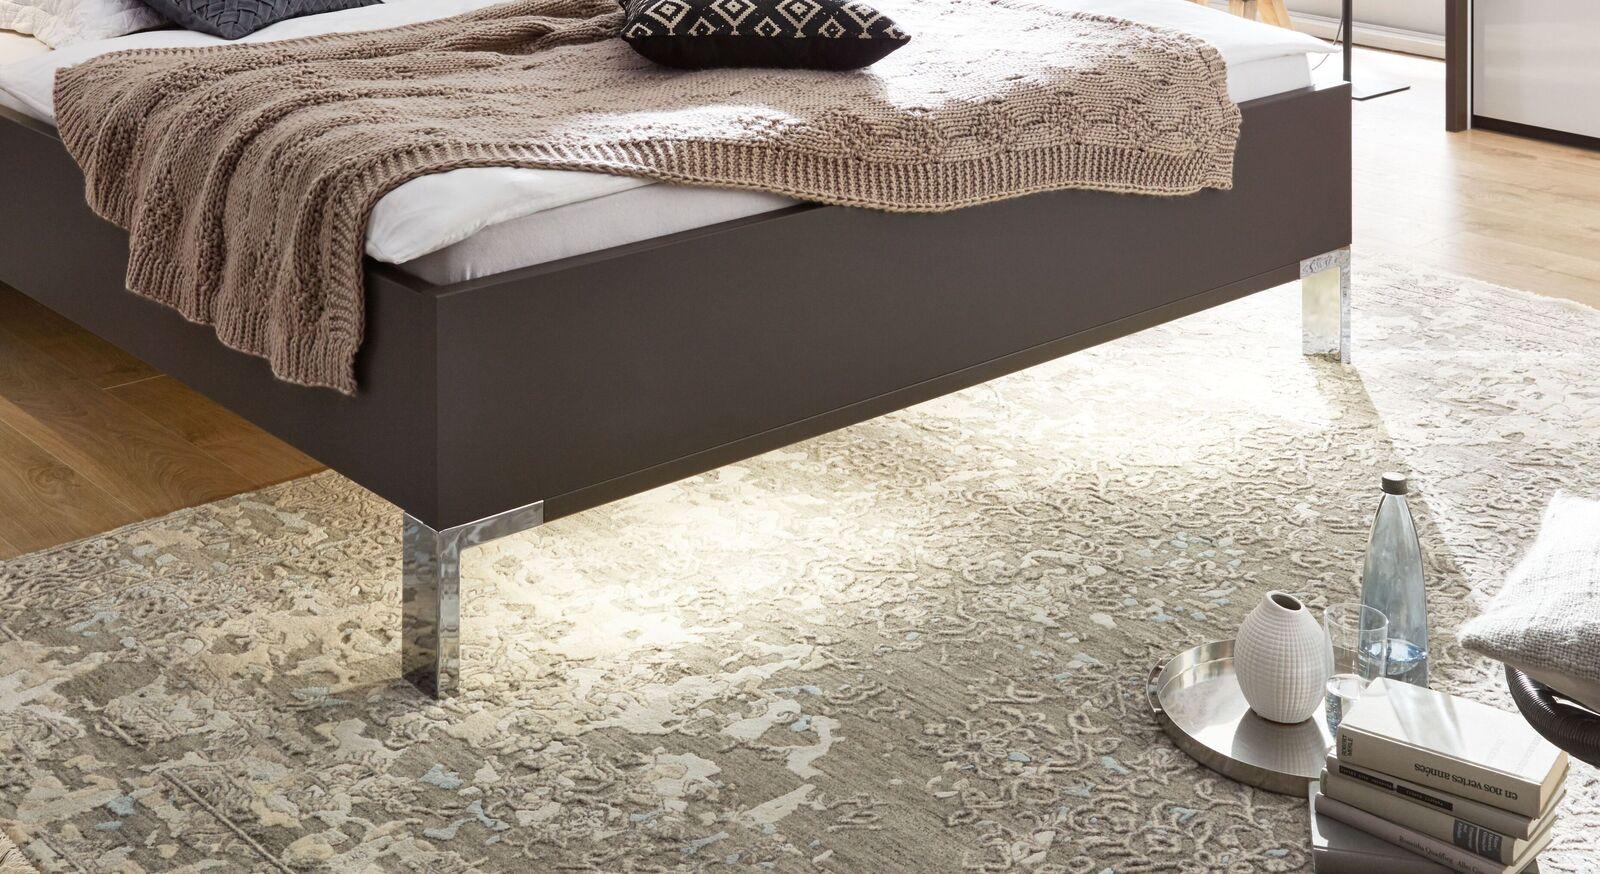 Modernes INTERLIVING Beleuchtungsset 1006 für das Bettfußteil